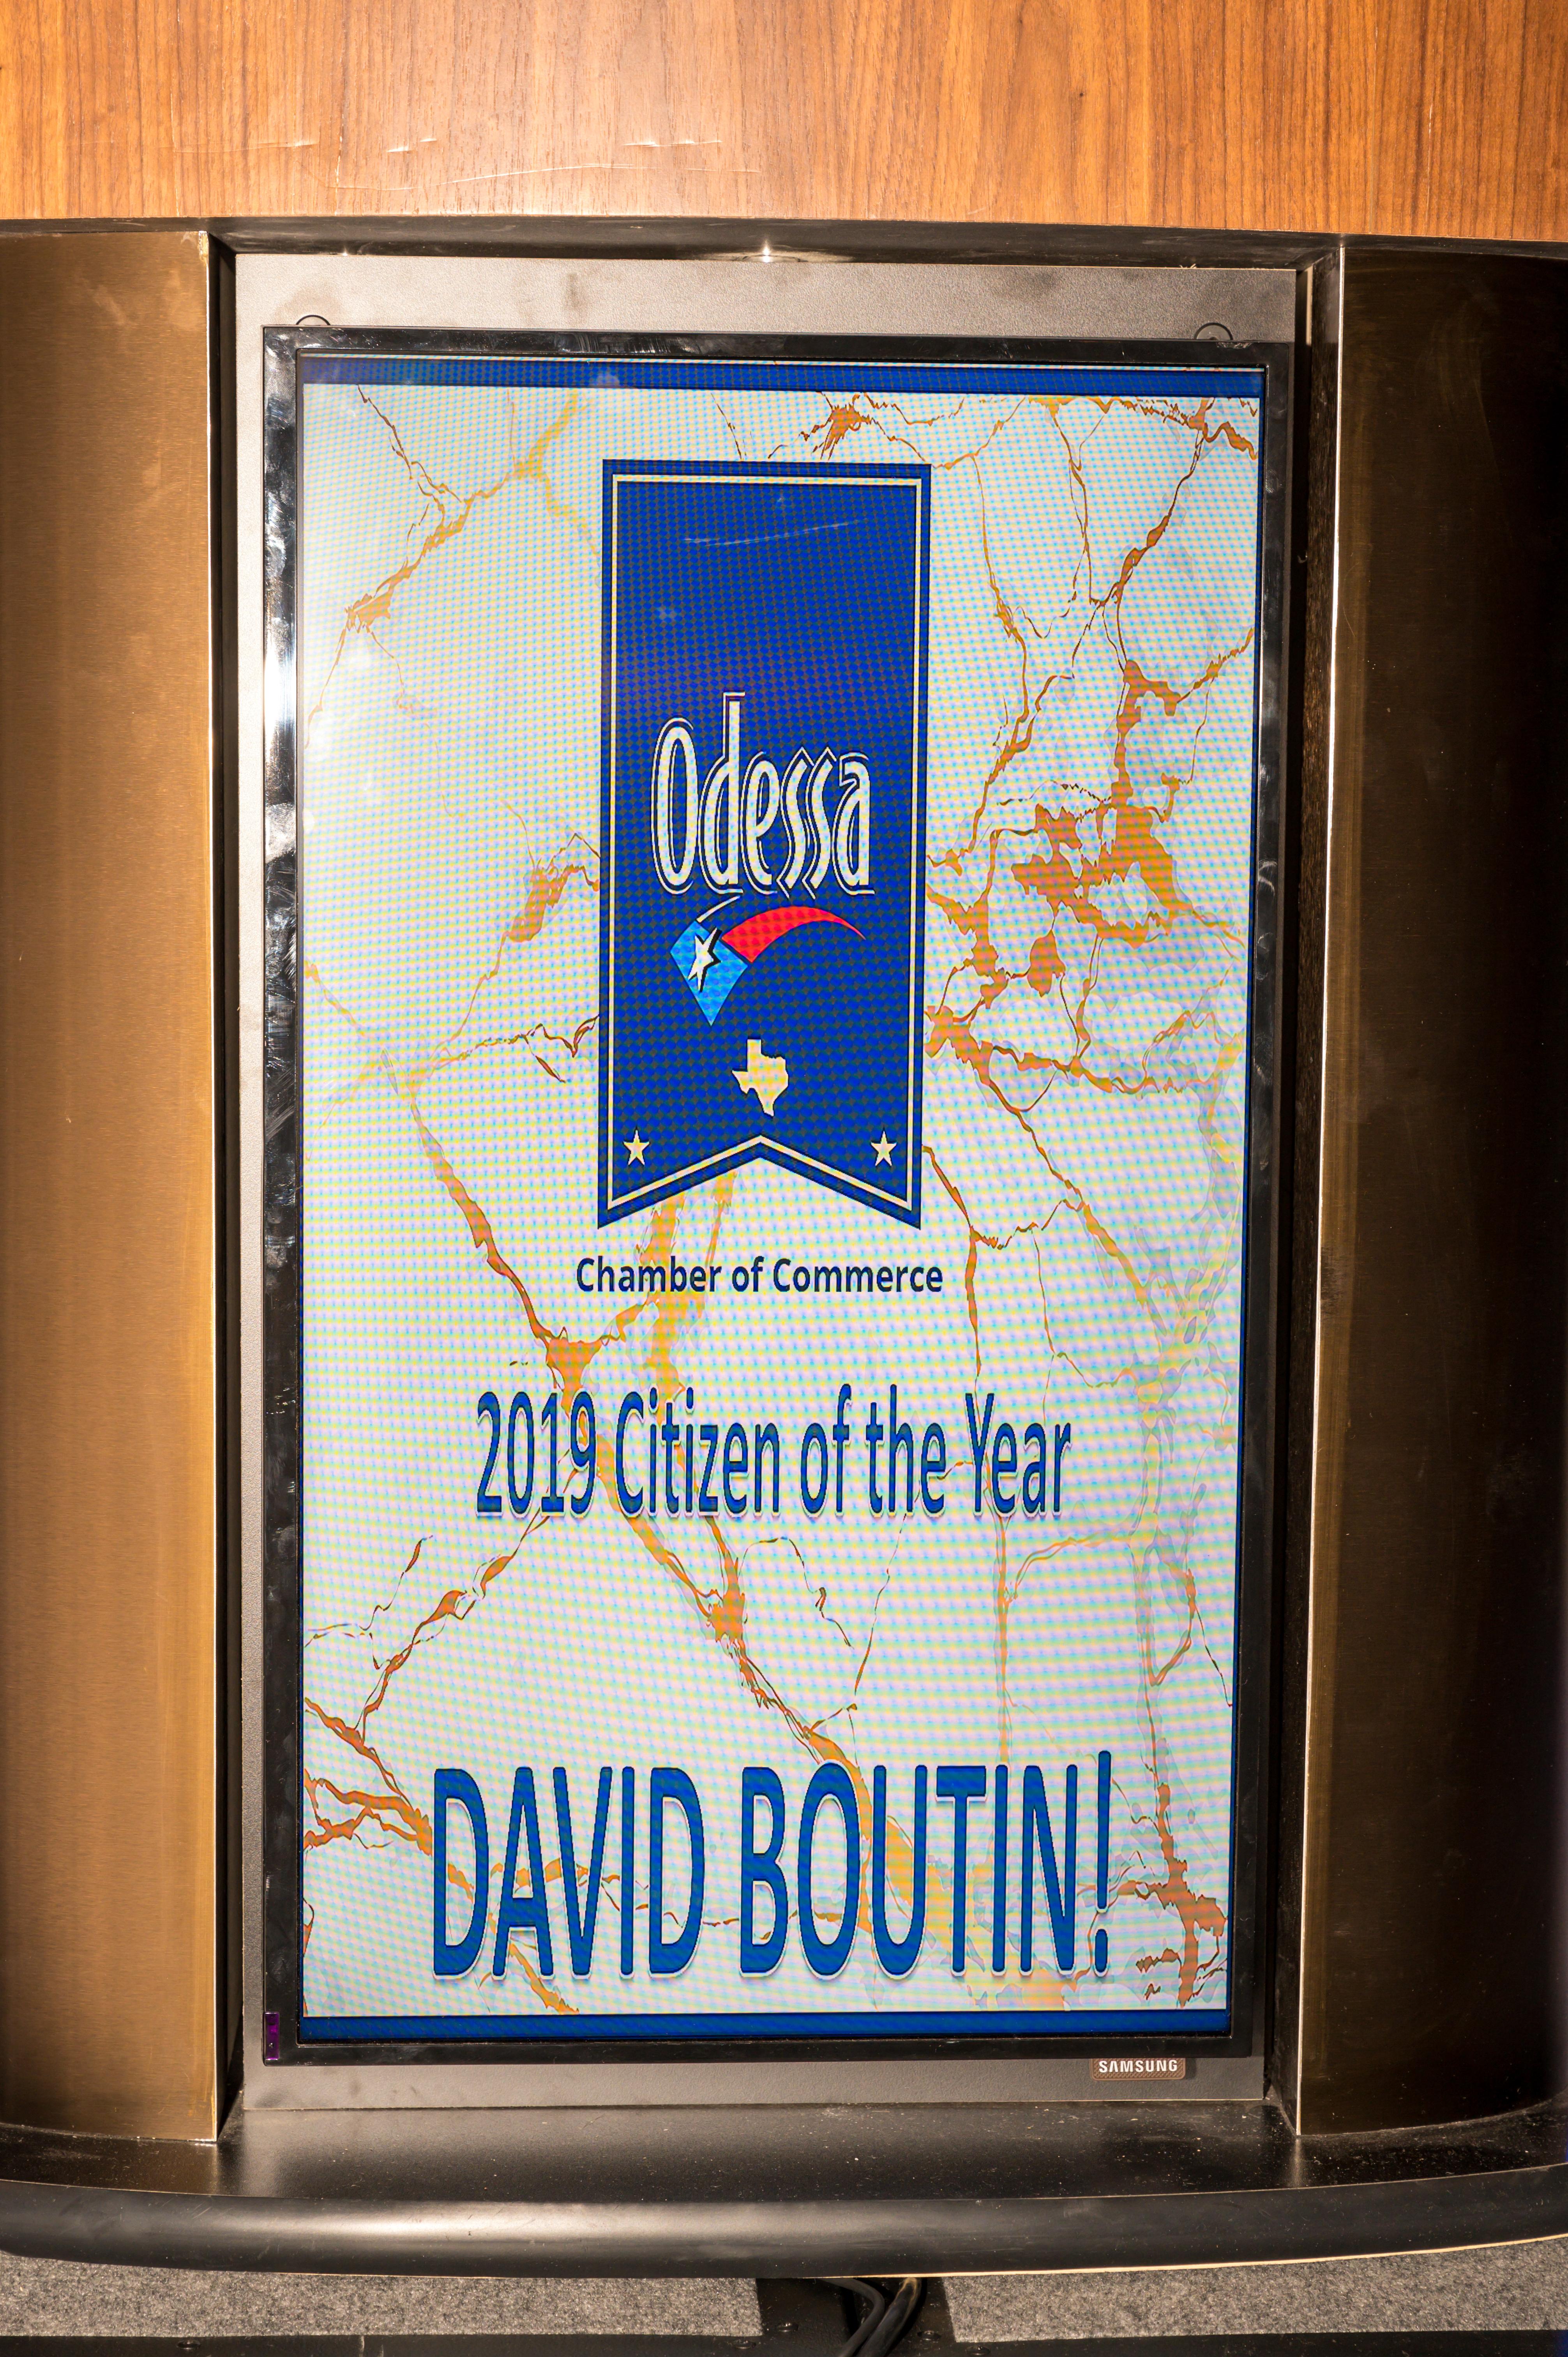 DavidBoutin-03